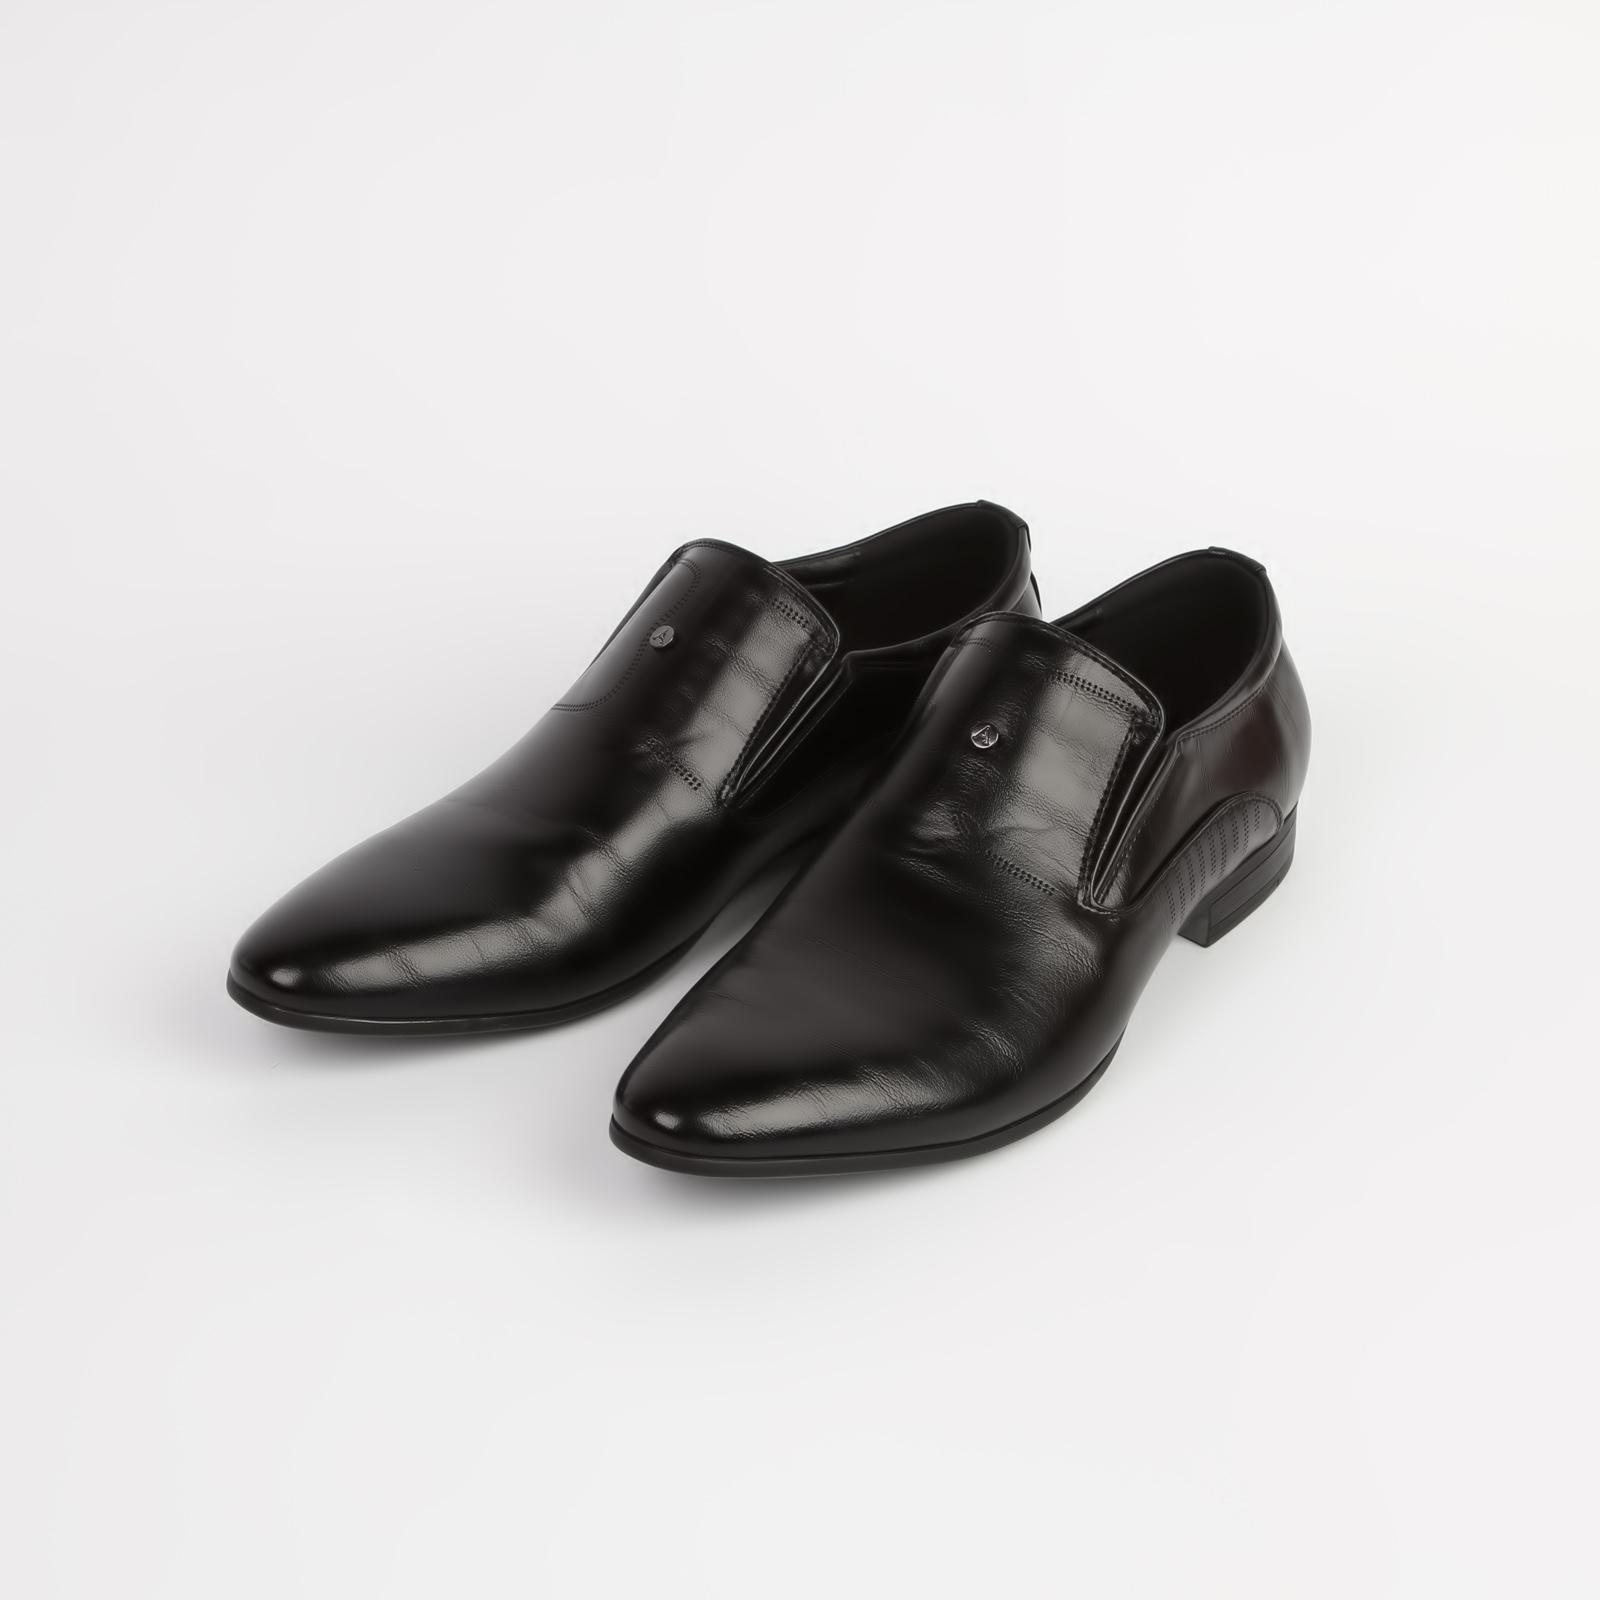 Туфли мужские классические на удобной подошве